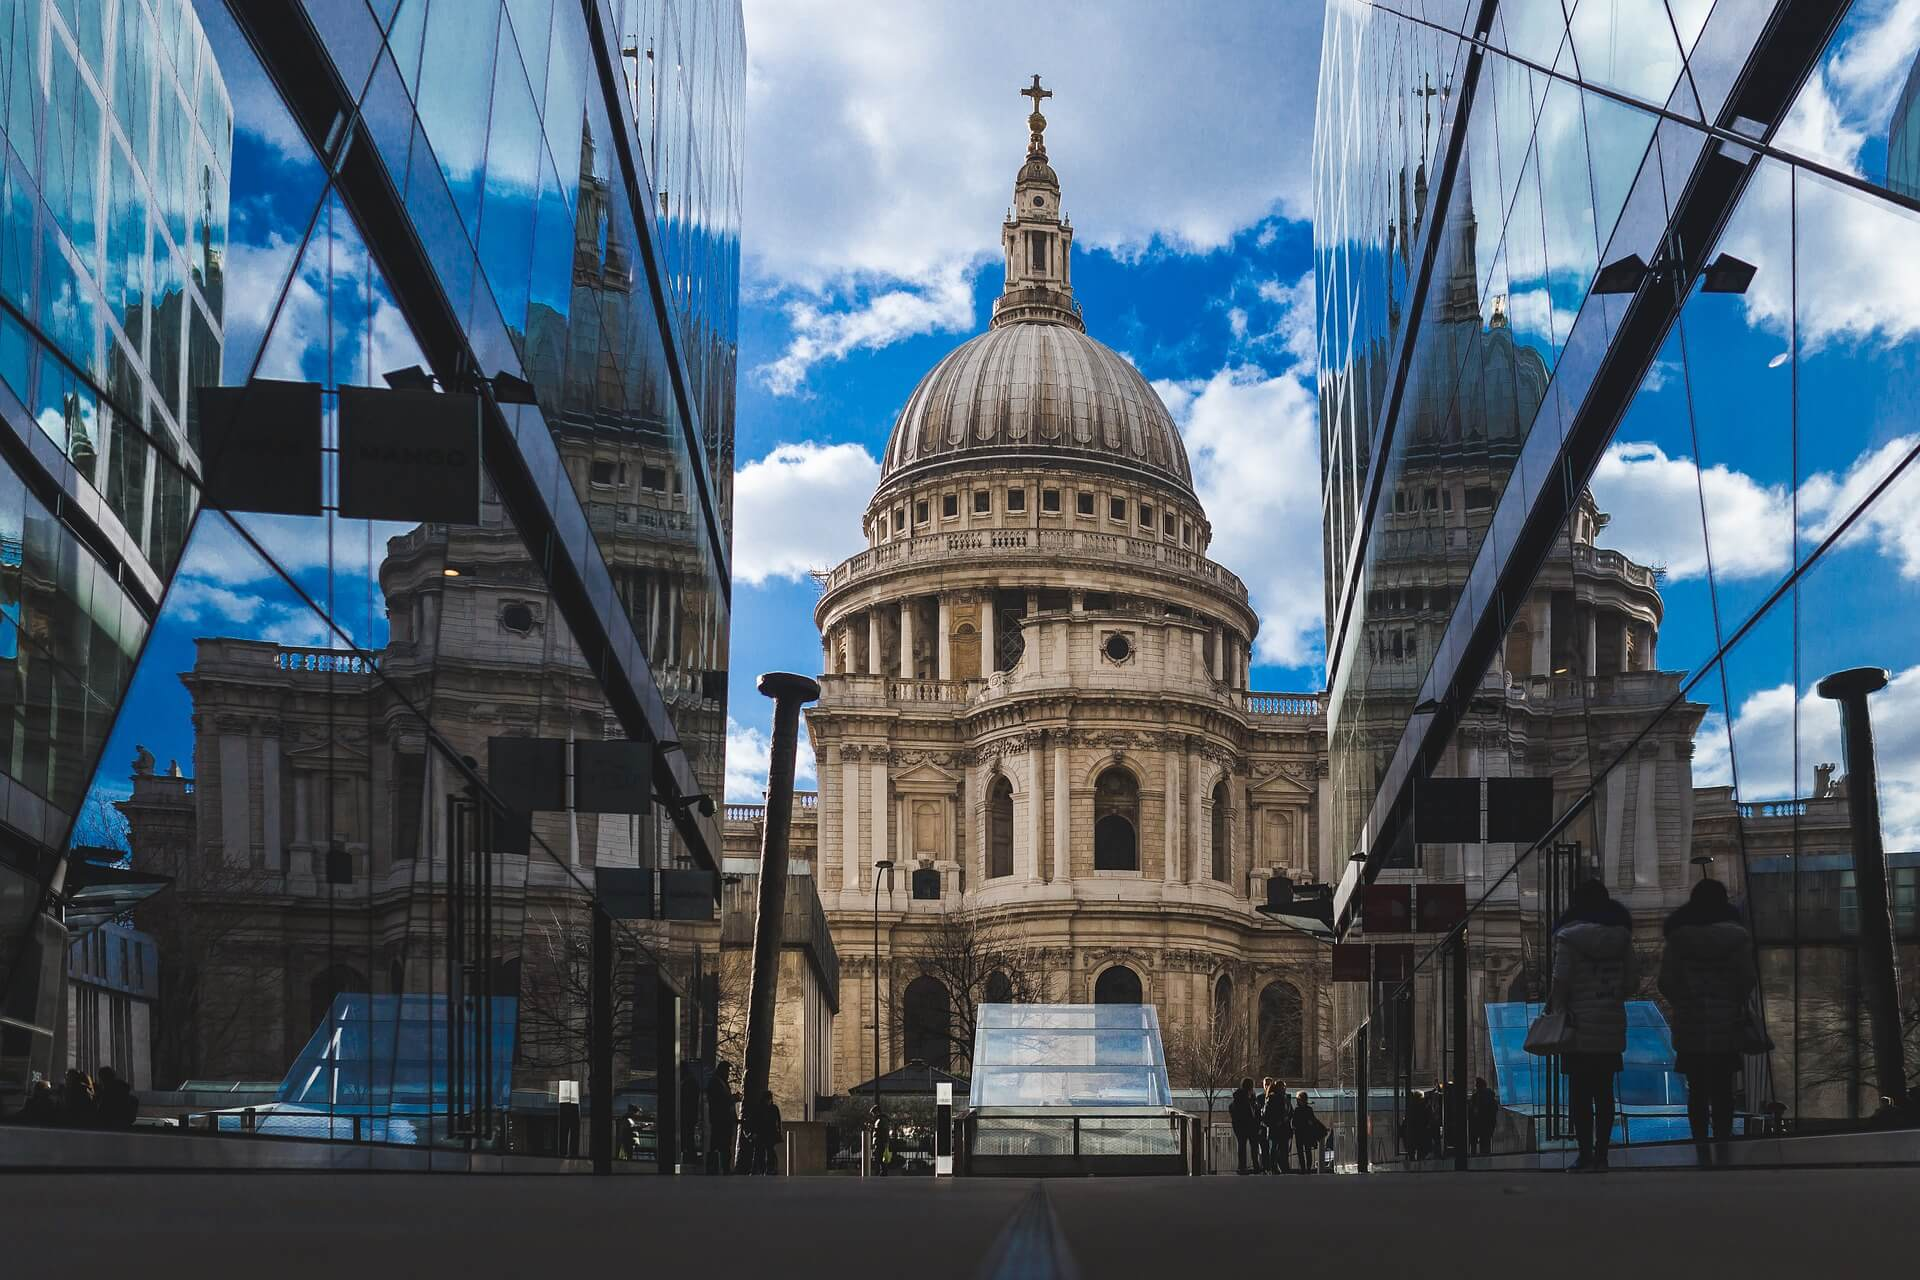 St Pauls London Sehenswürdigkeiten